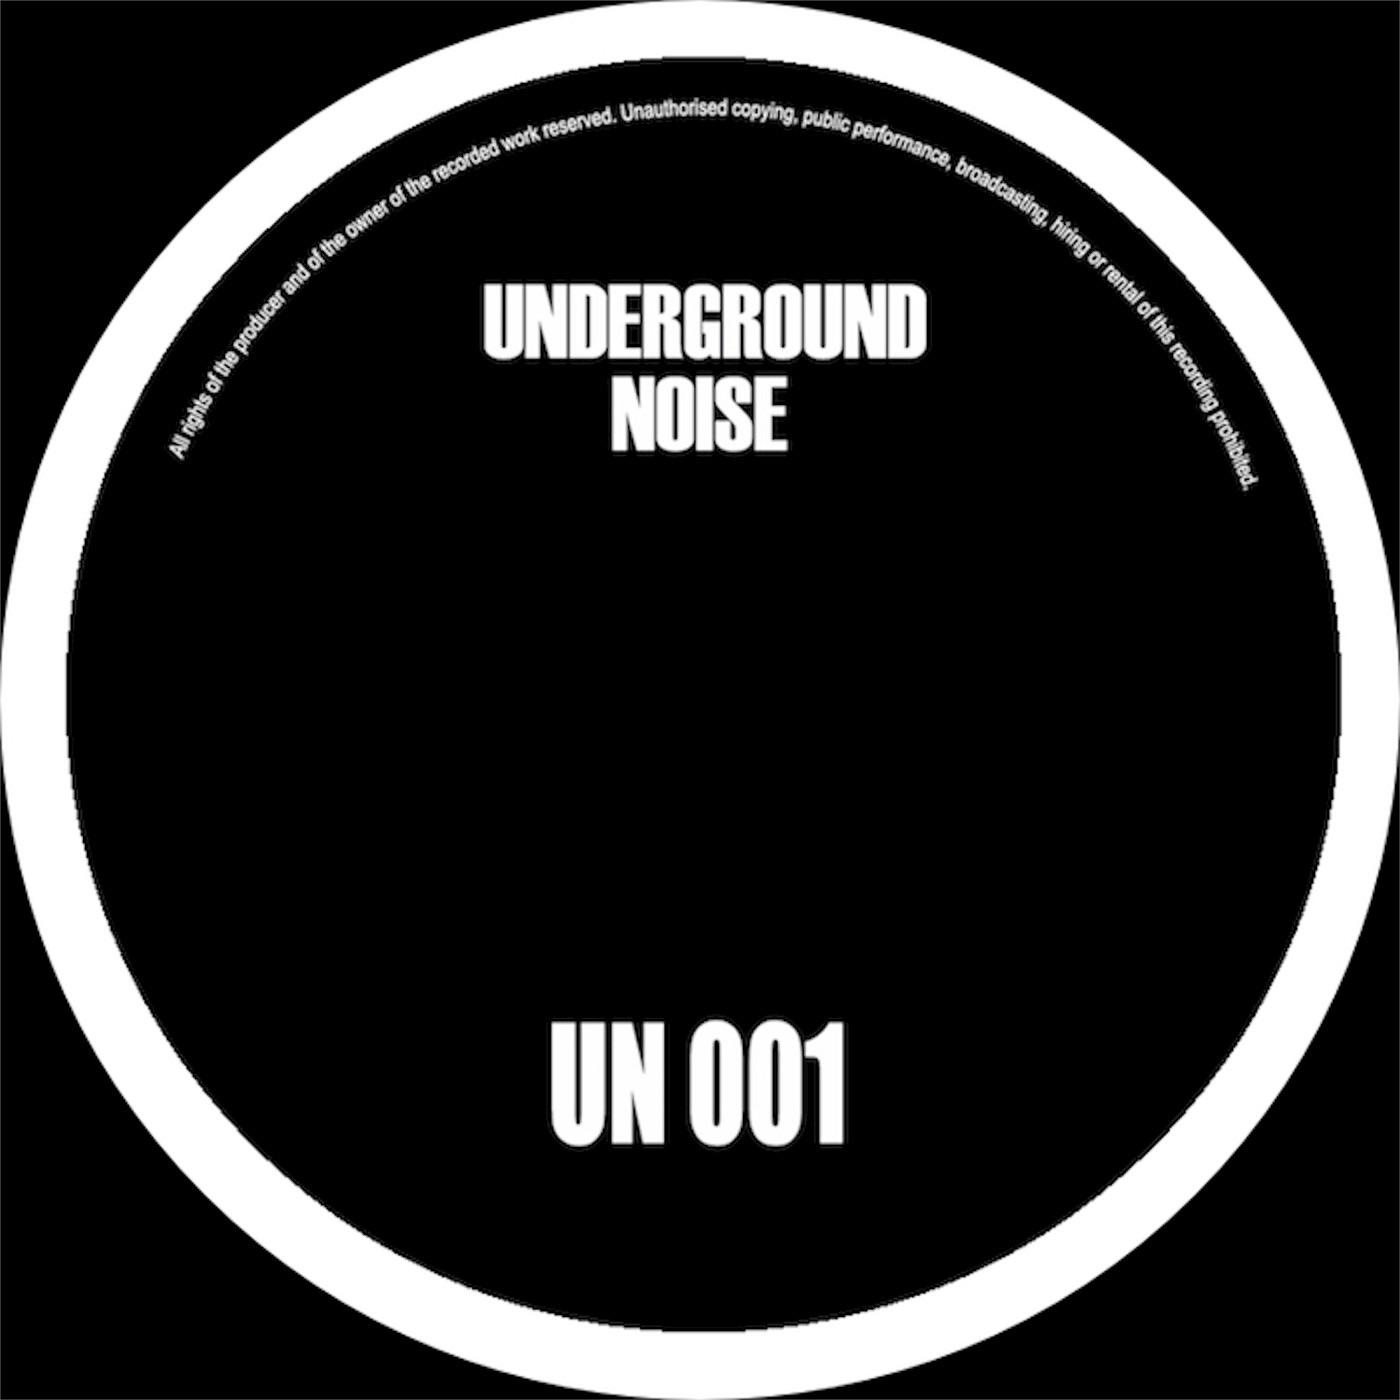 Un001 - Single